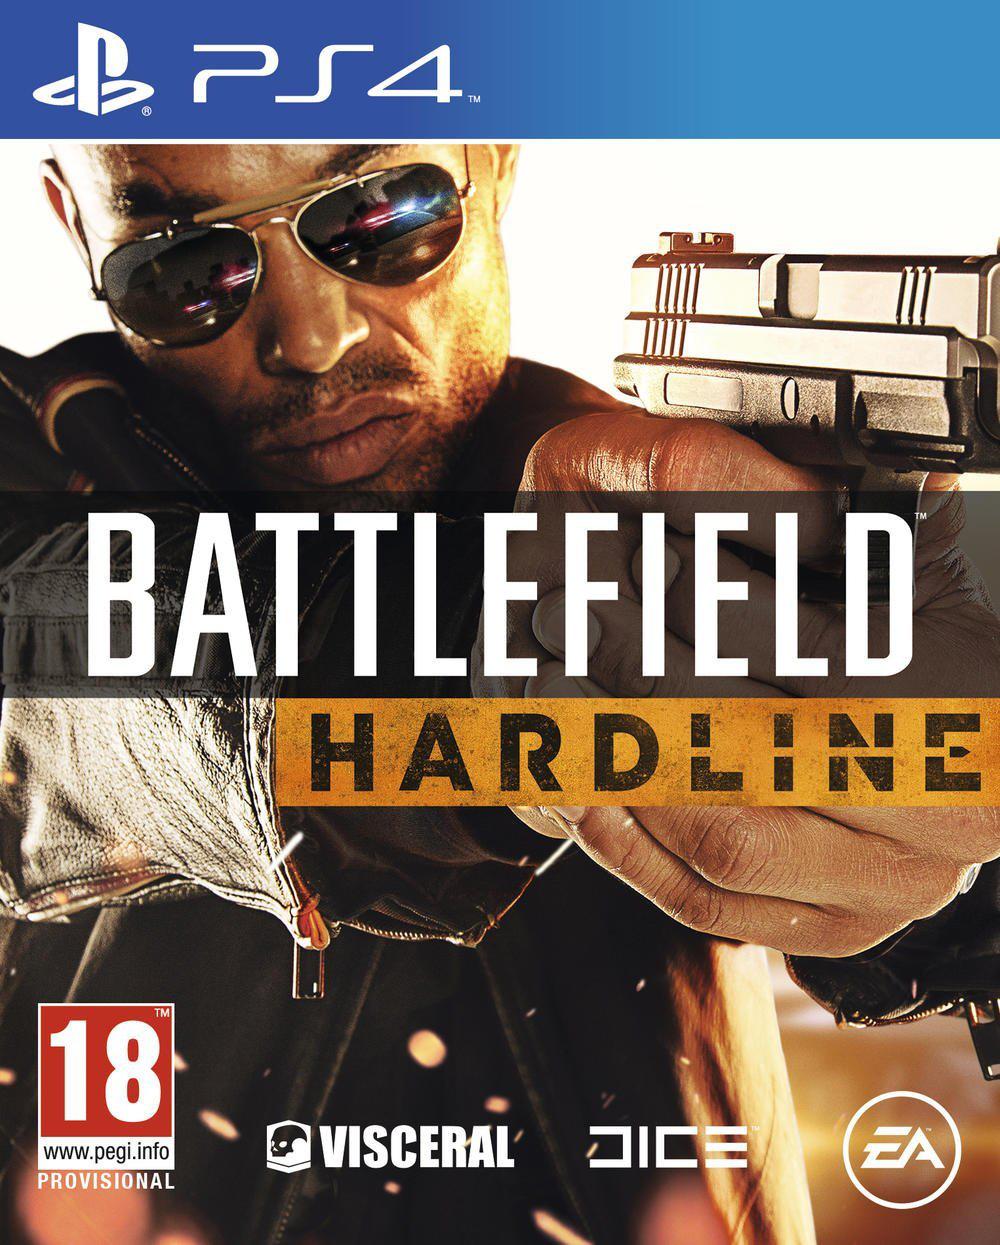 [Membres Premium] Jeu Battlefield : Hardline sur PS4, Xbox One & PC